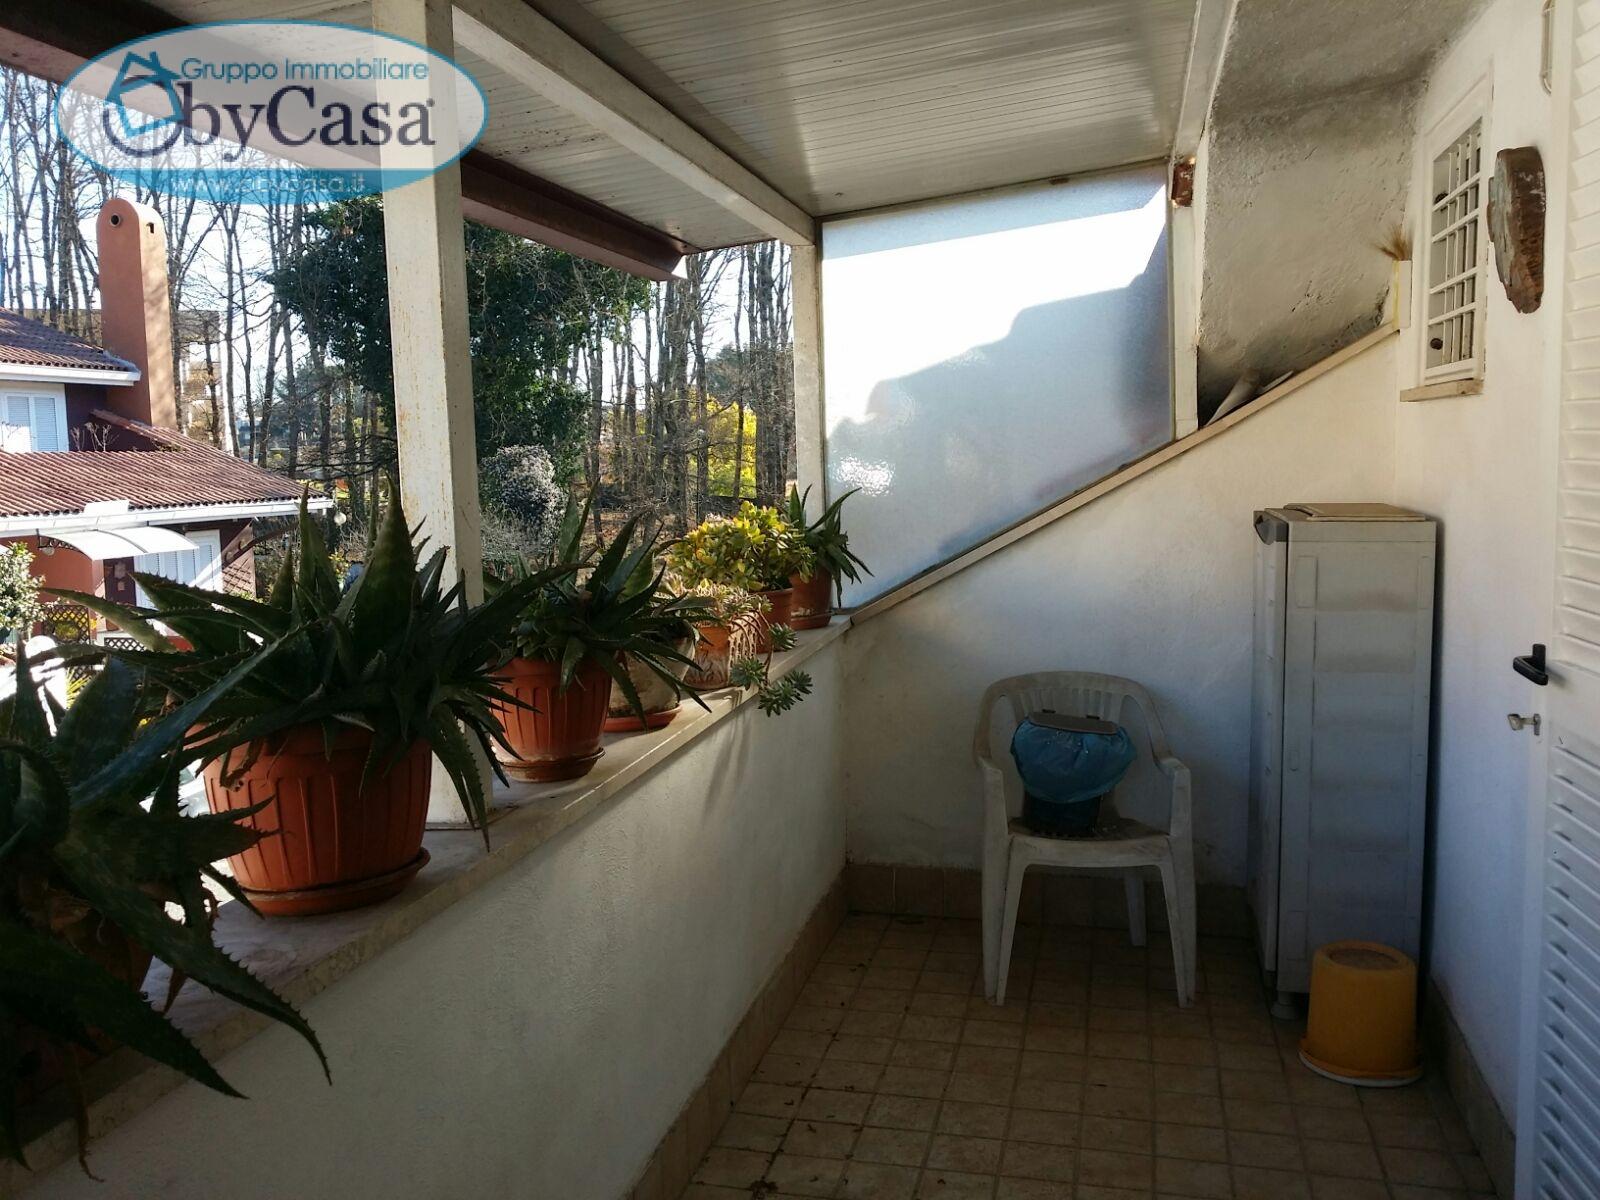 Villa a Schiera in vendita a Manziana, 2 locali, zona Località: verdebosco, prezzo € 98.000 | Cambio Casa.it